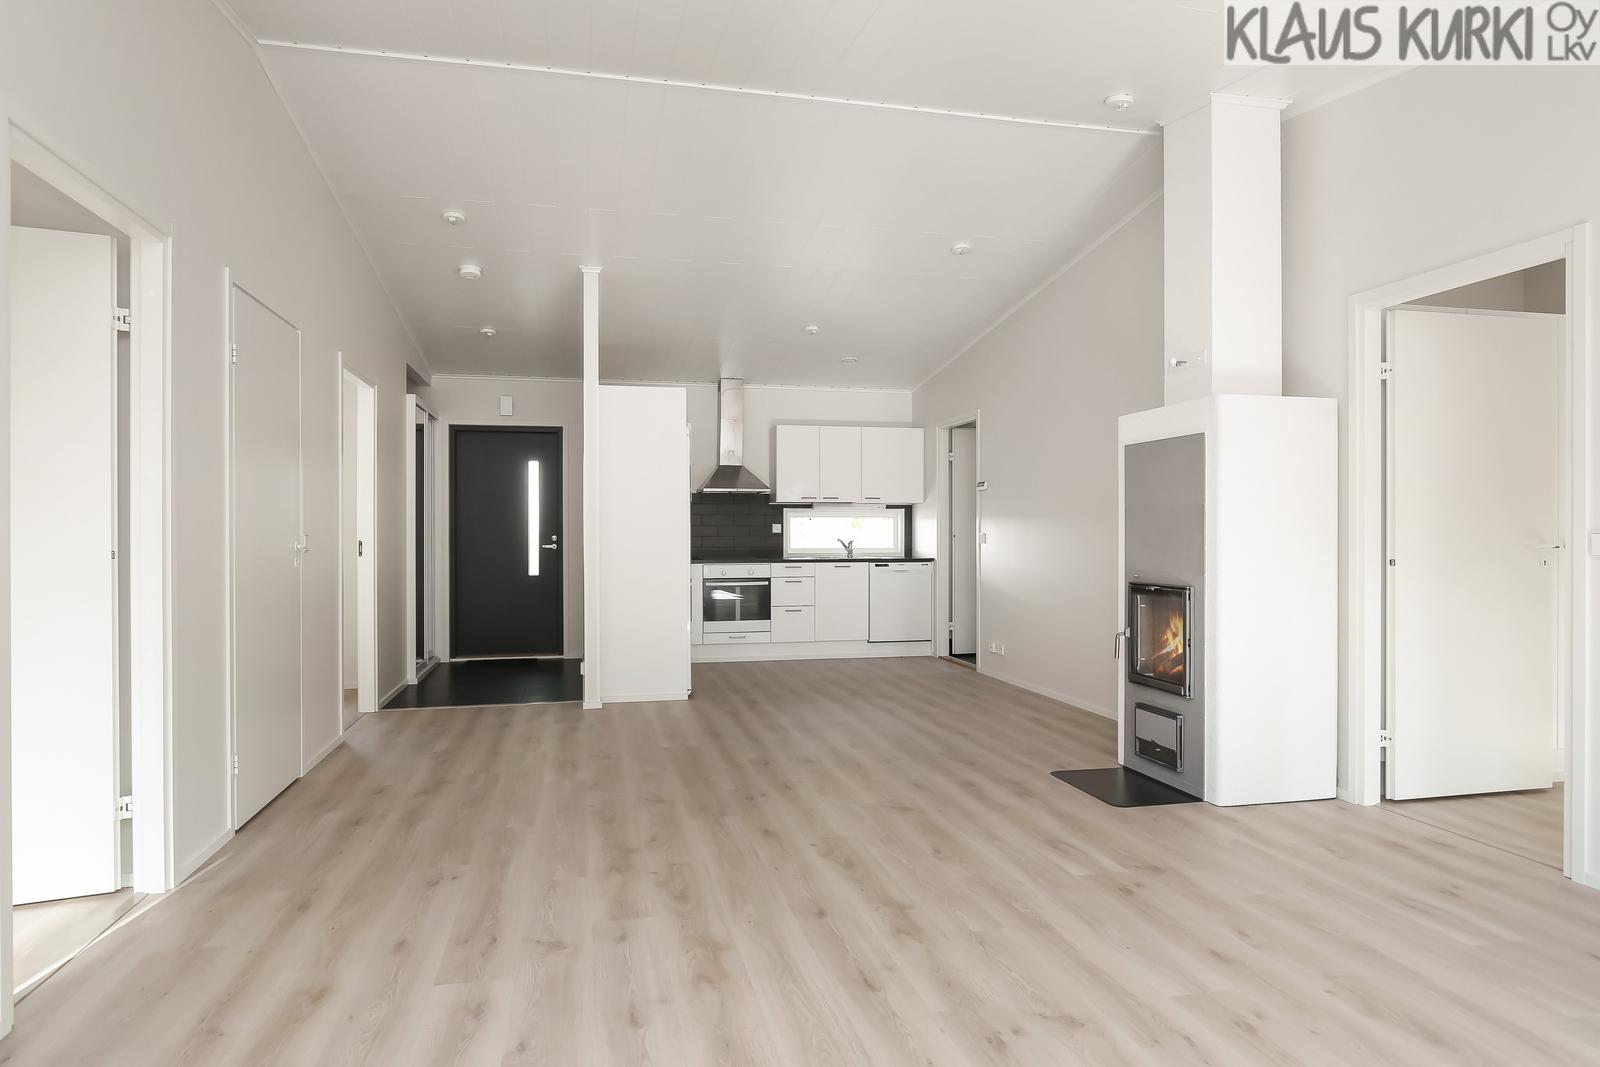 Olohuone ja keittiö korkeata yhtenäistä tilaa.